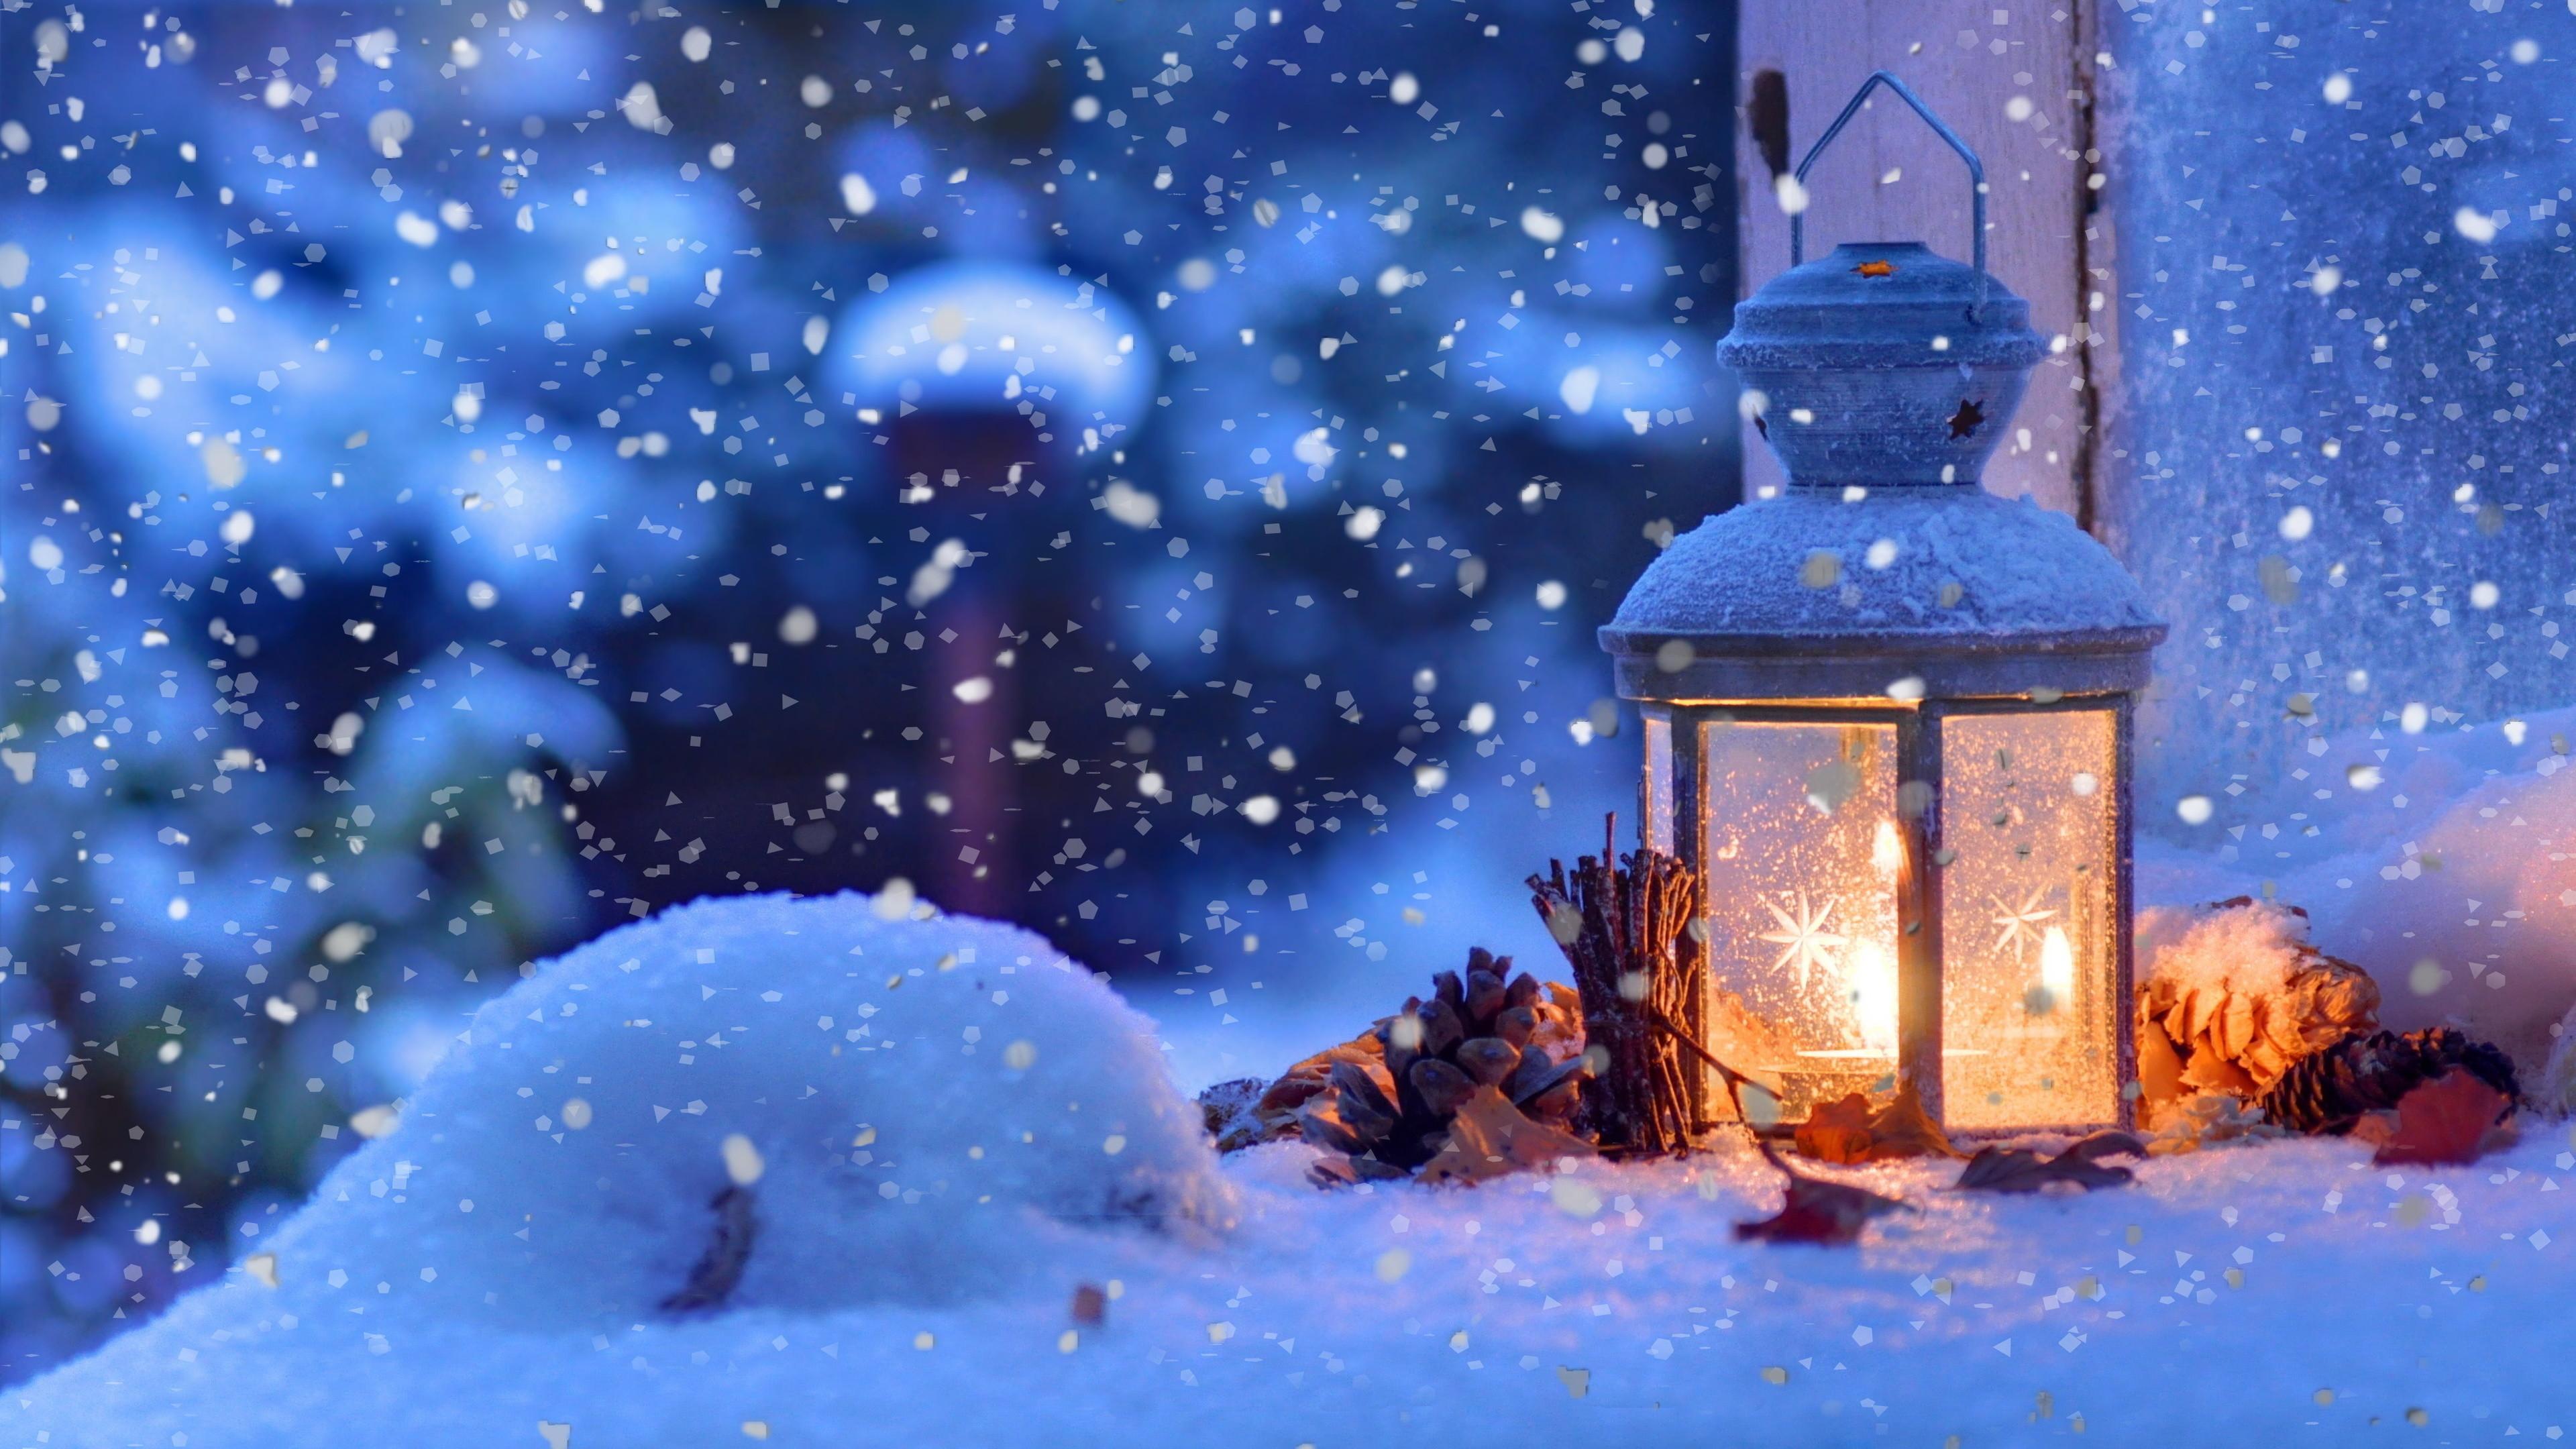 Christmas Snow Lantern 4K Ultra HD Desktop Wallpaper Uploaded by  DesktopWalls